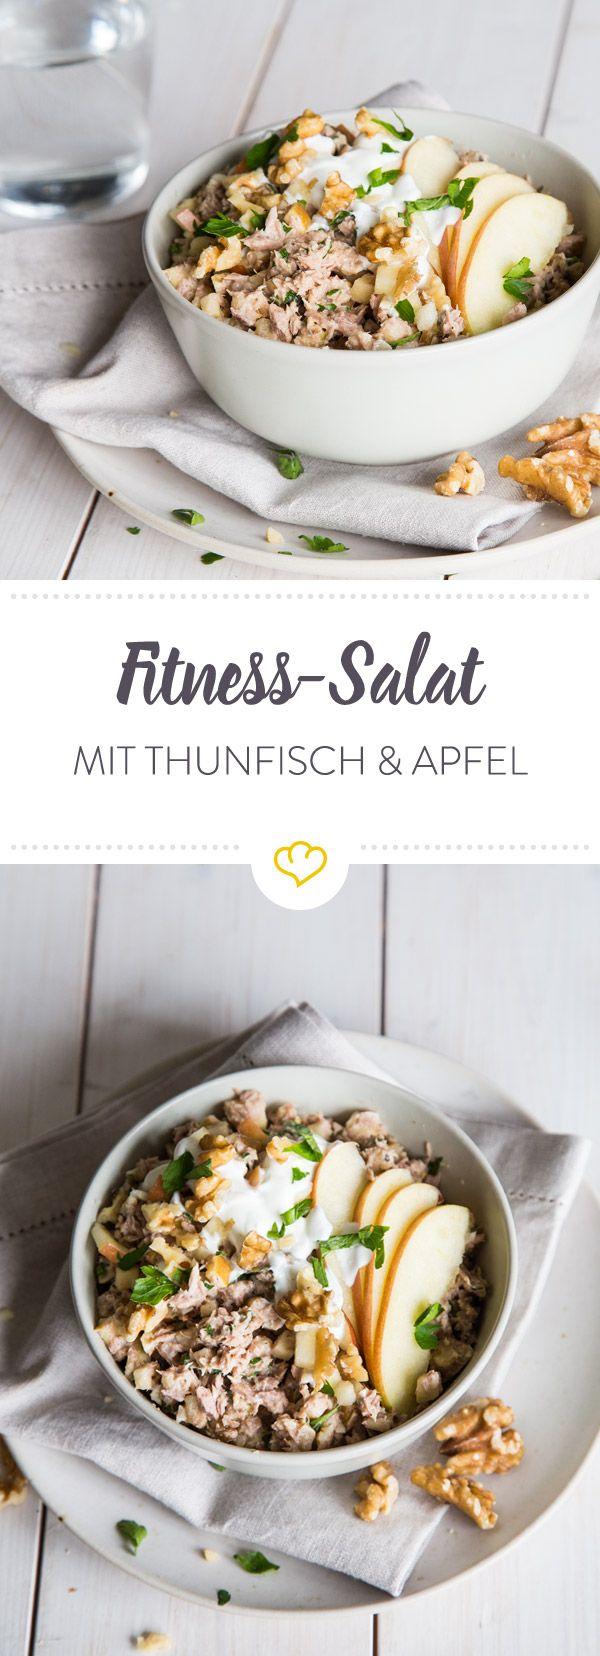 Fitness Salat mit Thunfisch, Apfel und Walnüssen (Zucker weglassen, Hälfte weniger Apfelessig)